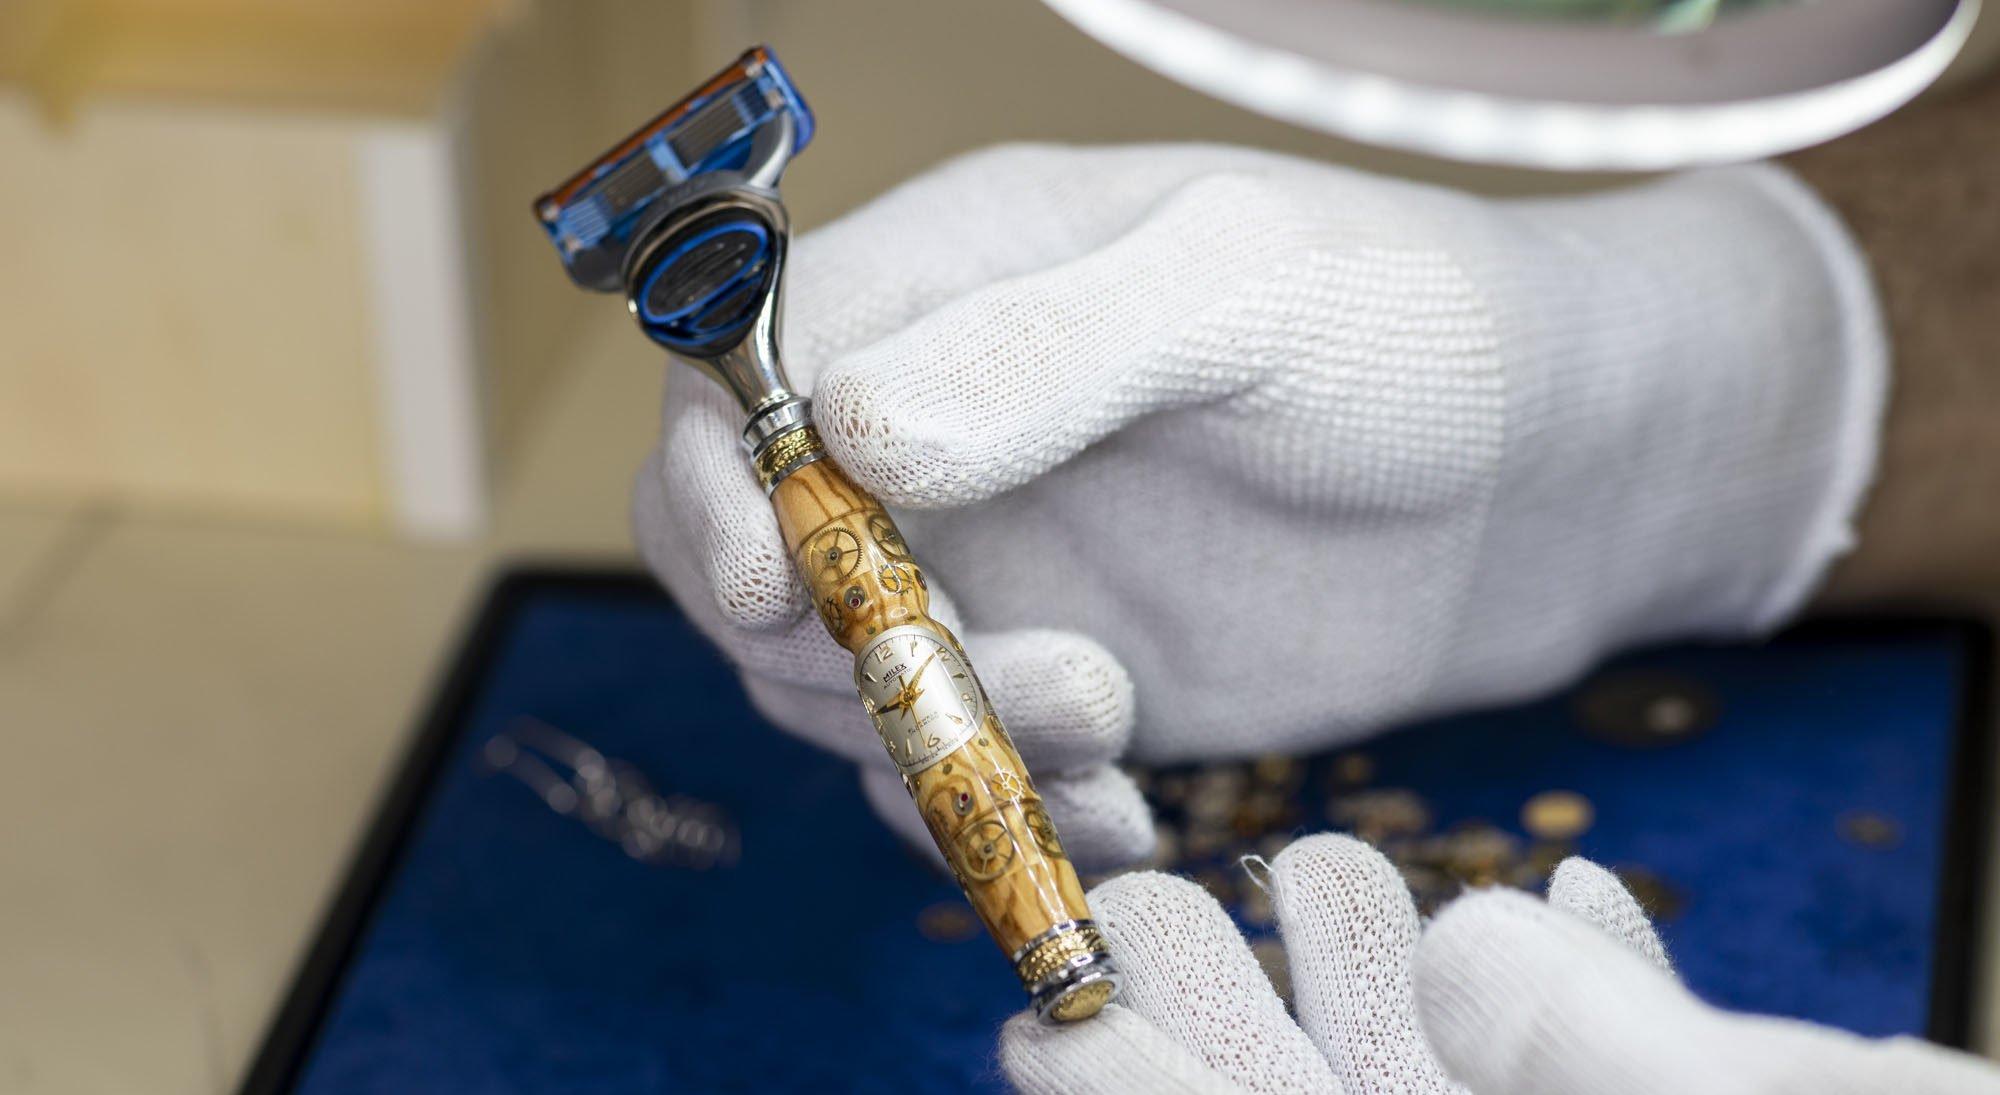 Reto Bochsler: Personalisierte Kugelschreiber, Füllfederhalter, Rasierpinsel & Co. mit eingearbeiteten Uhrenteilen